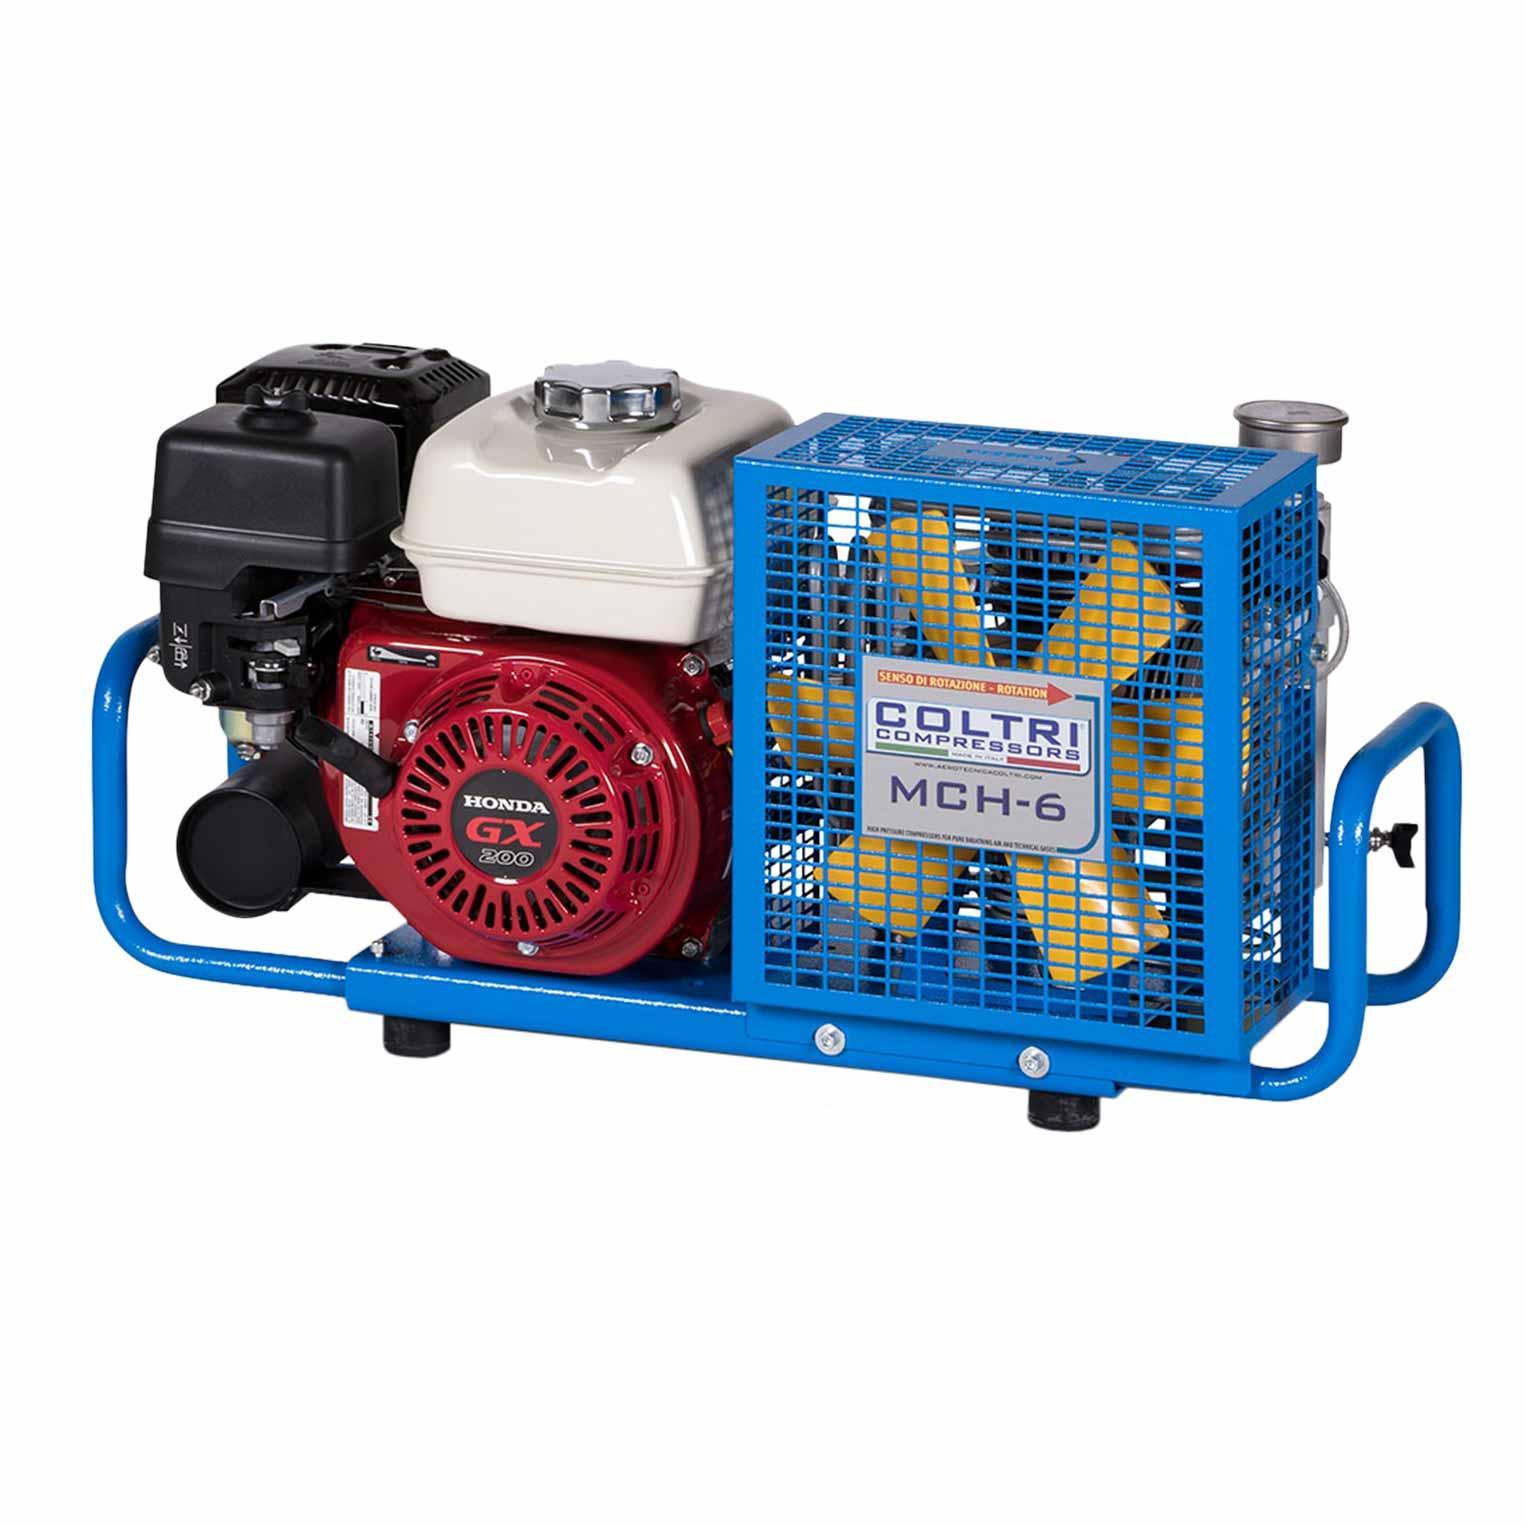 Compressor Coltri MCH6 Gasoline 225Bar